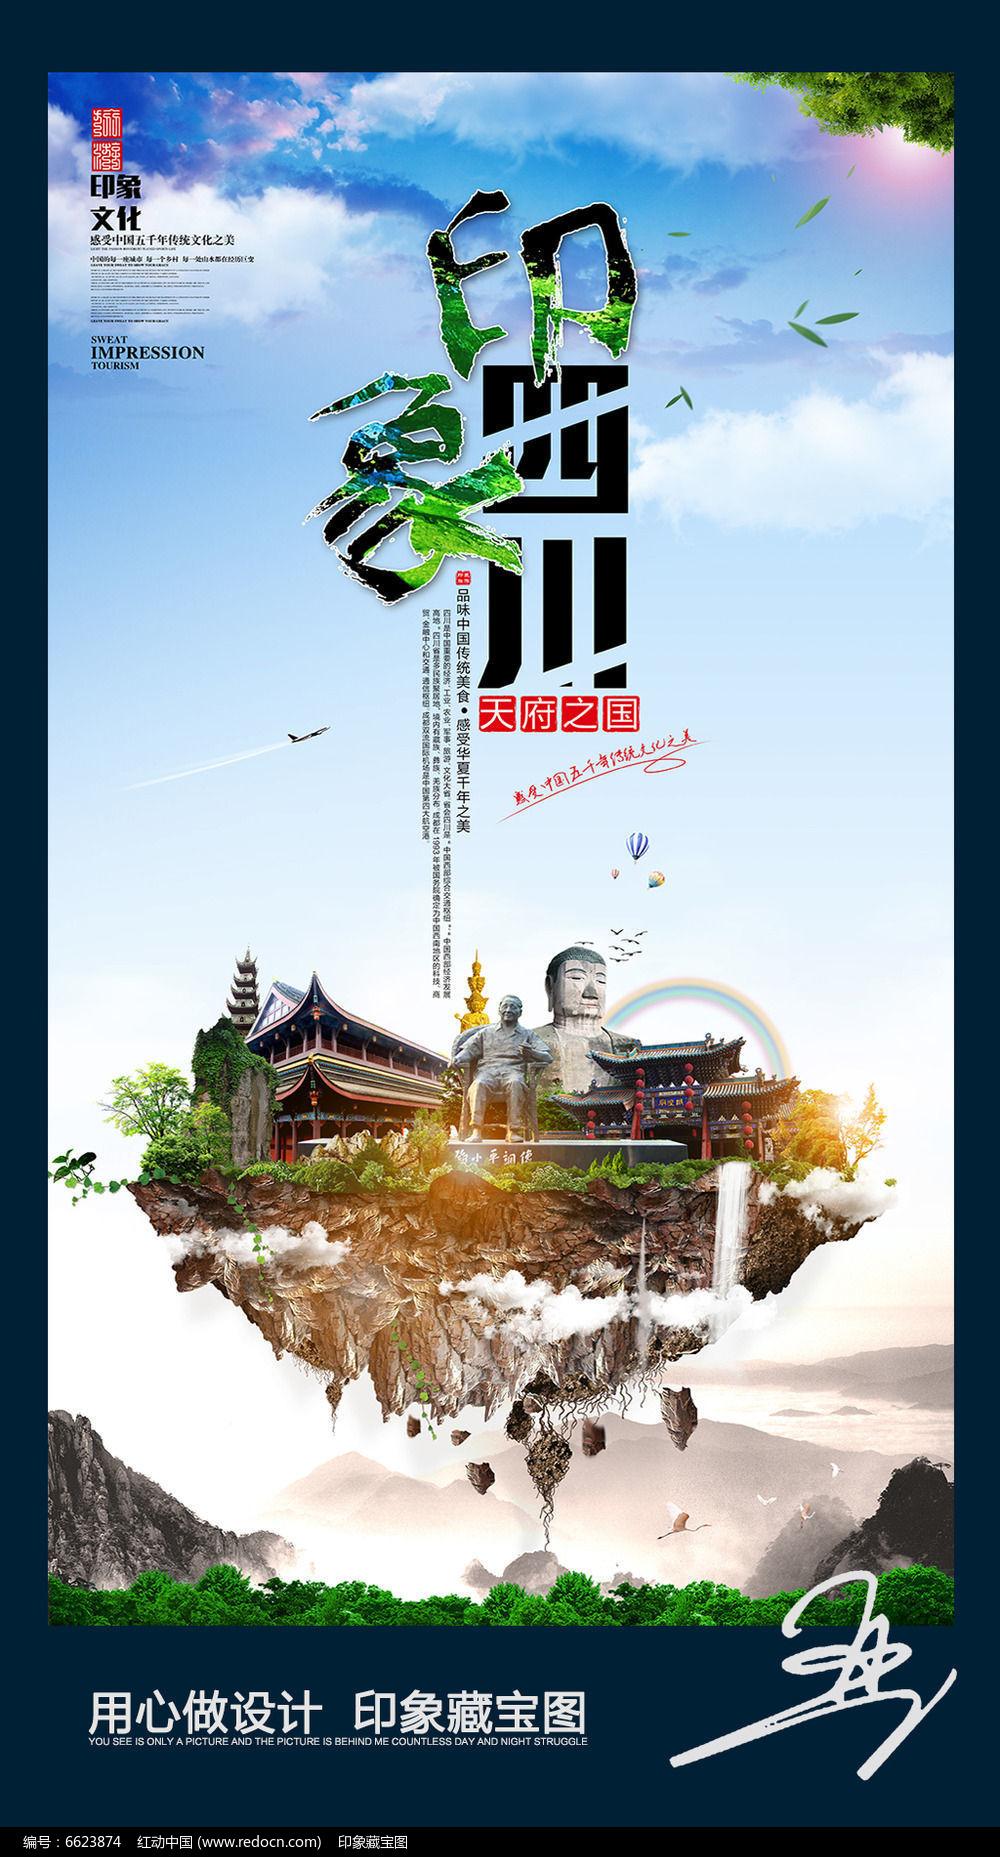 大气中国风印象四川旅游宣传海报设计图片